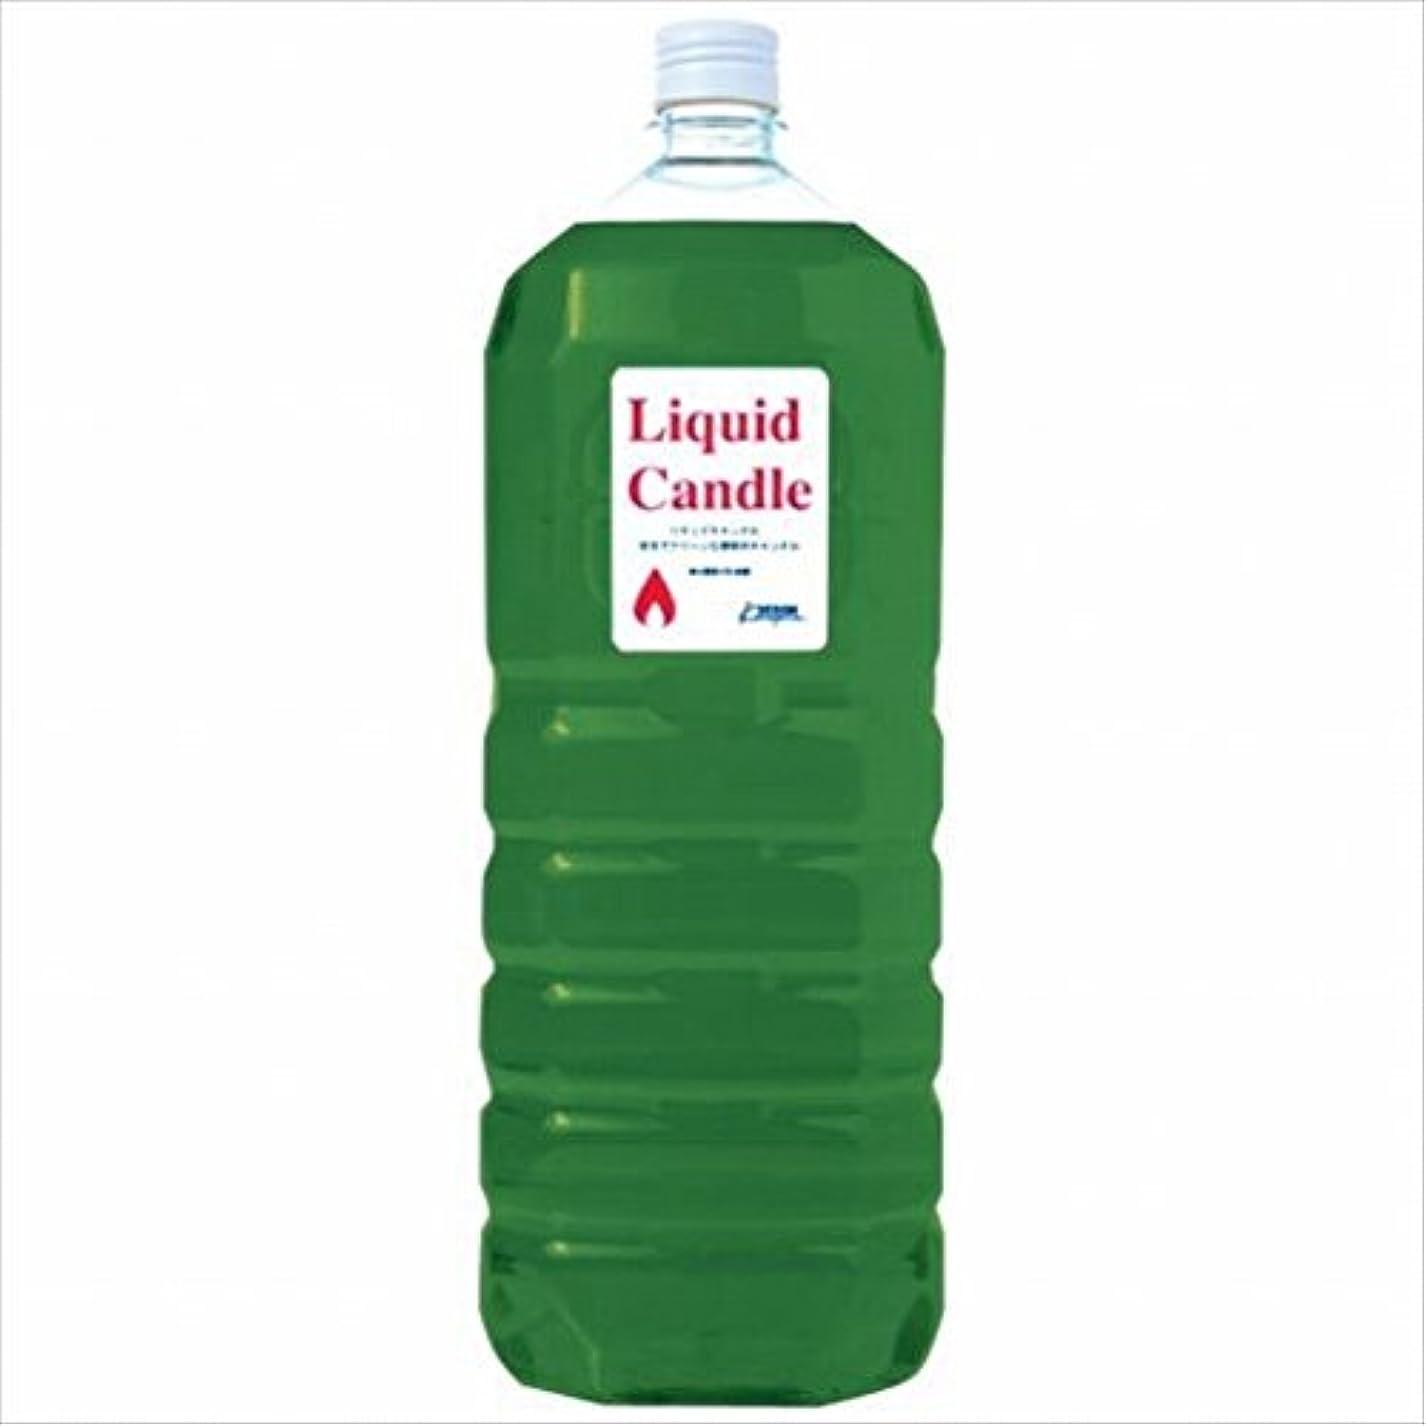 バルコニーやりがいのあるブランドカメヤマキャンドル(kameyama candle) リキッドキャンドル2リットル 「 グリーン 」